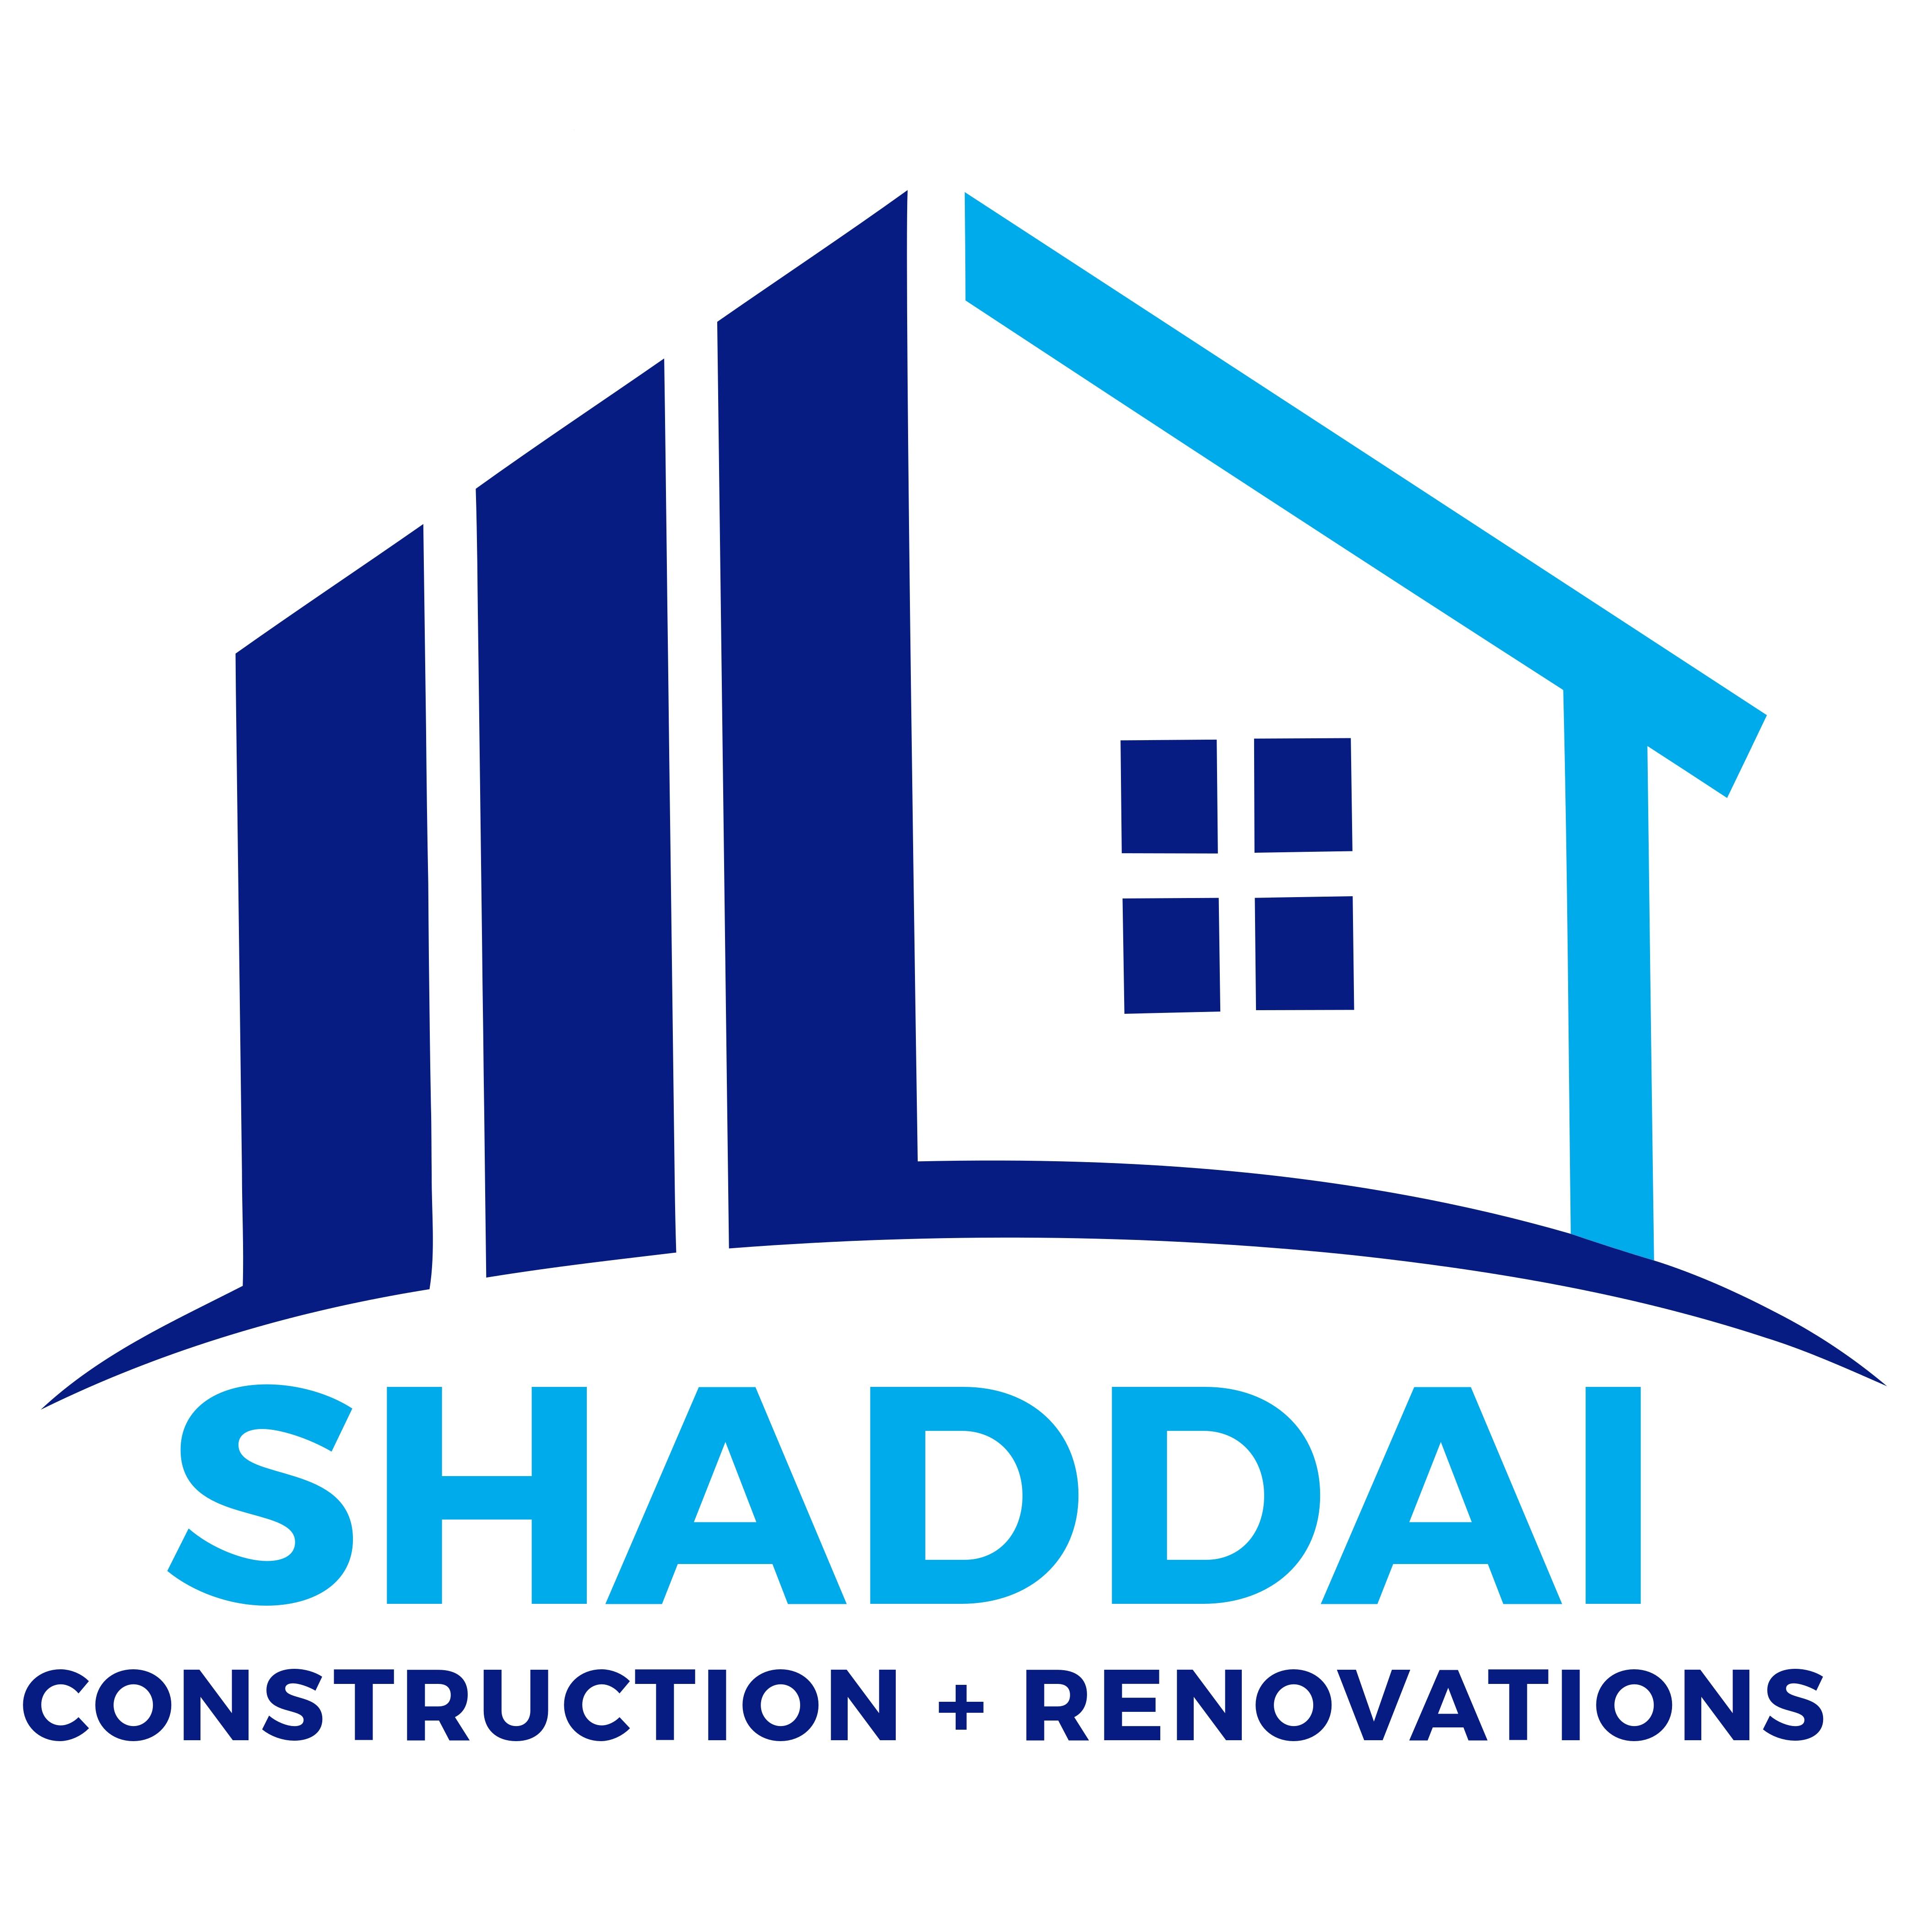 Shaddai Construction & Renovations Inc.